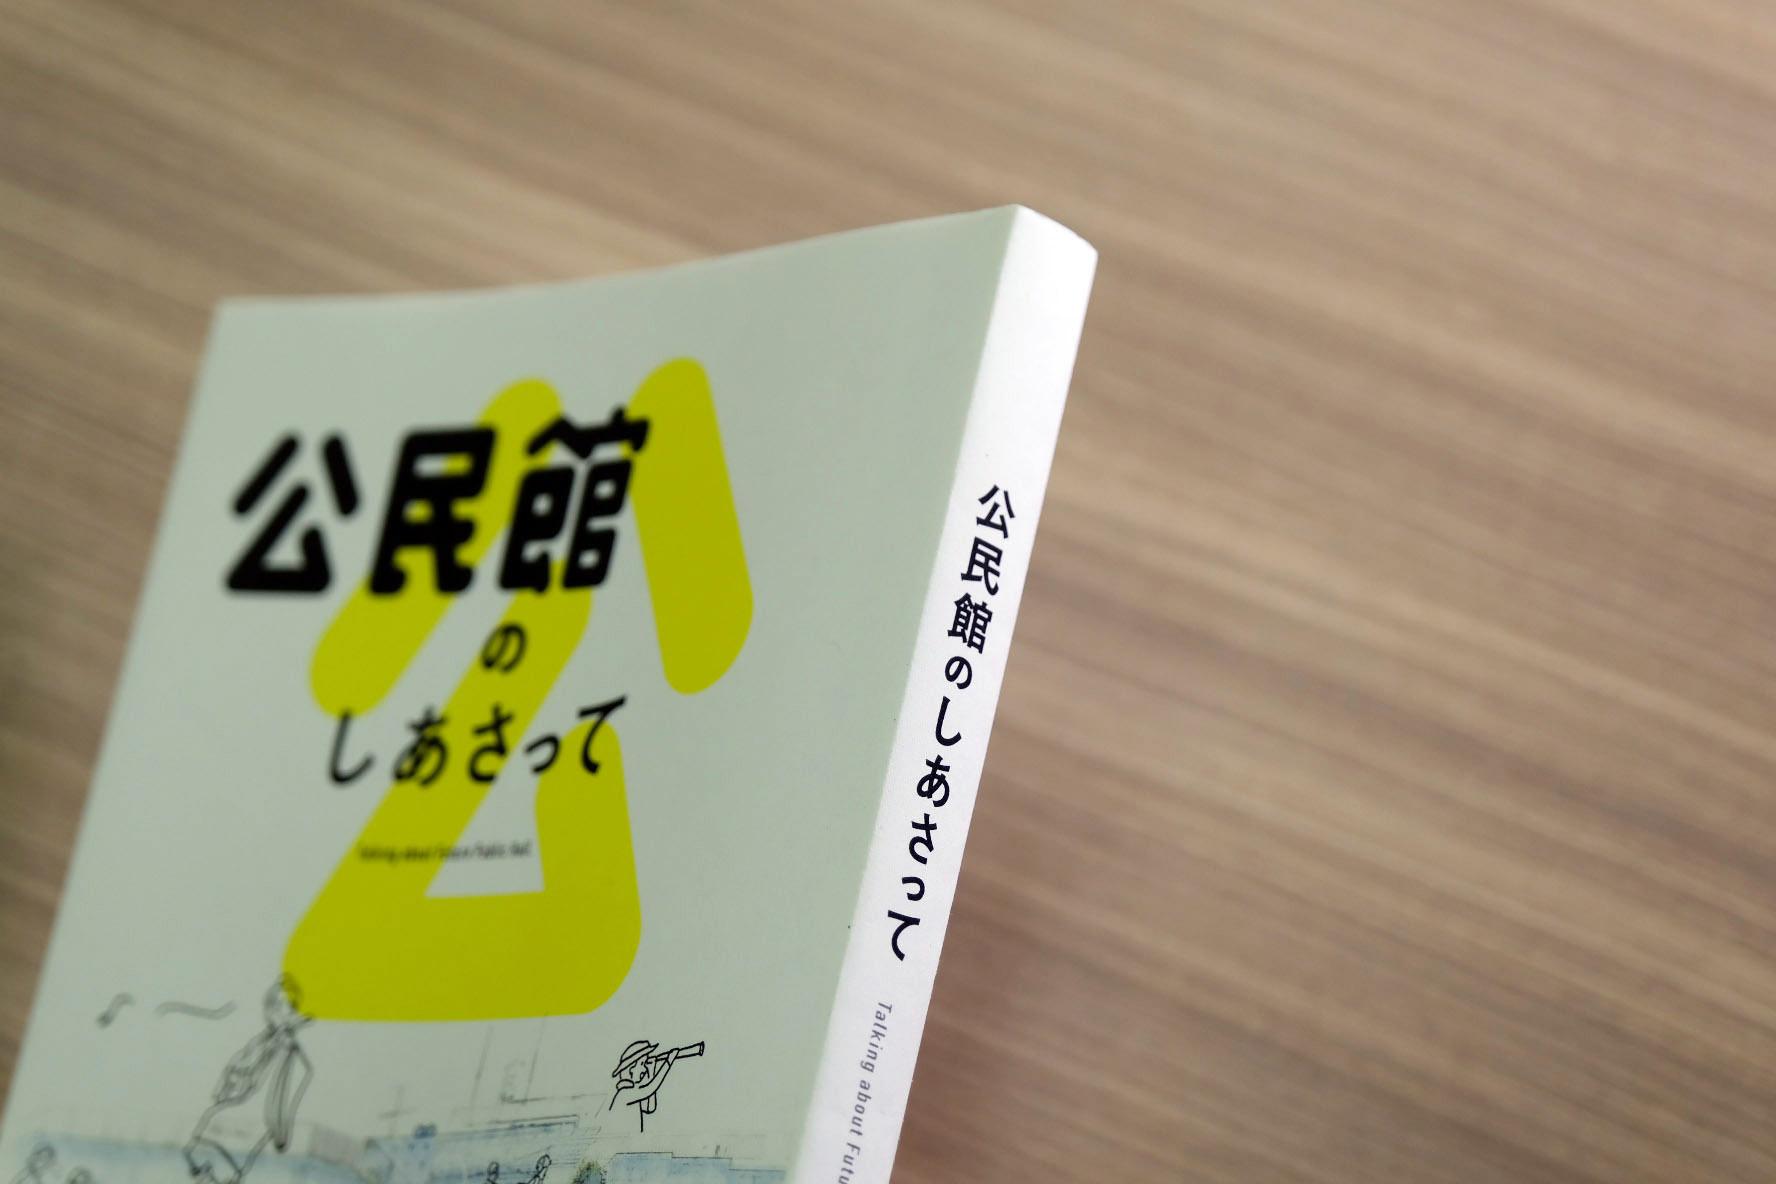 書籍「公民館のしあさって」先行予約開始のお知らせ